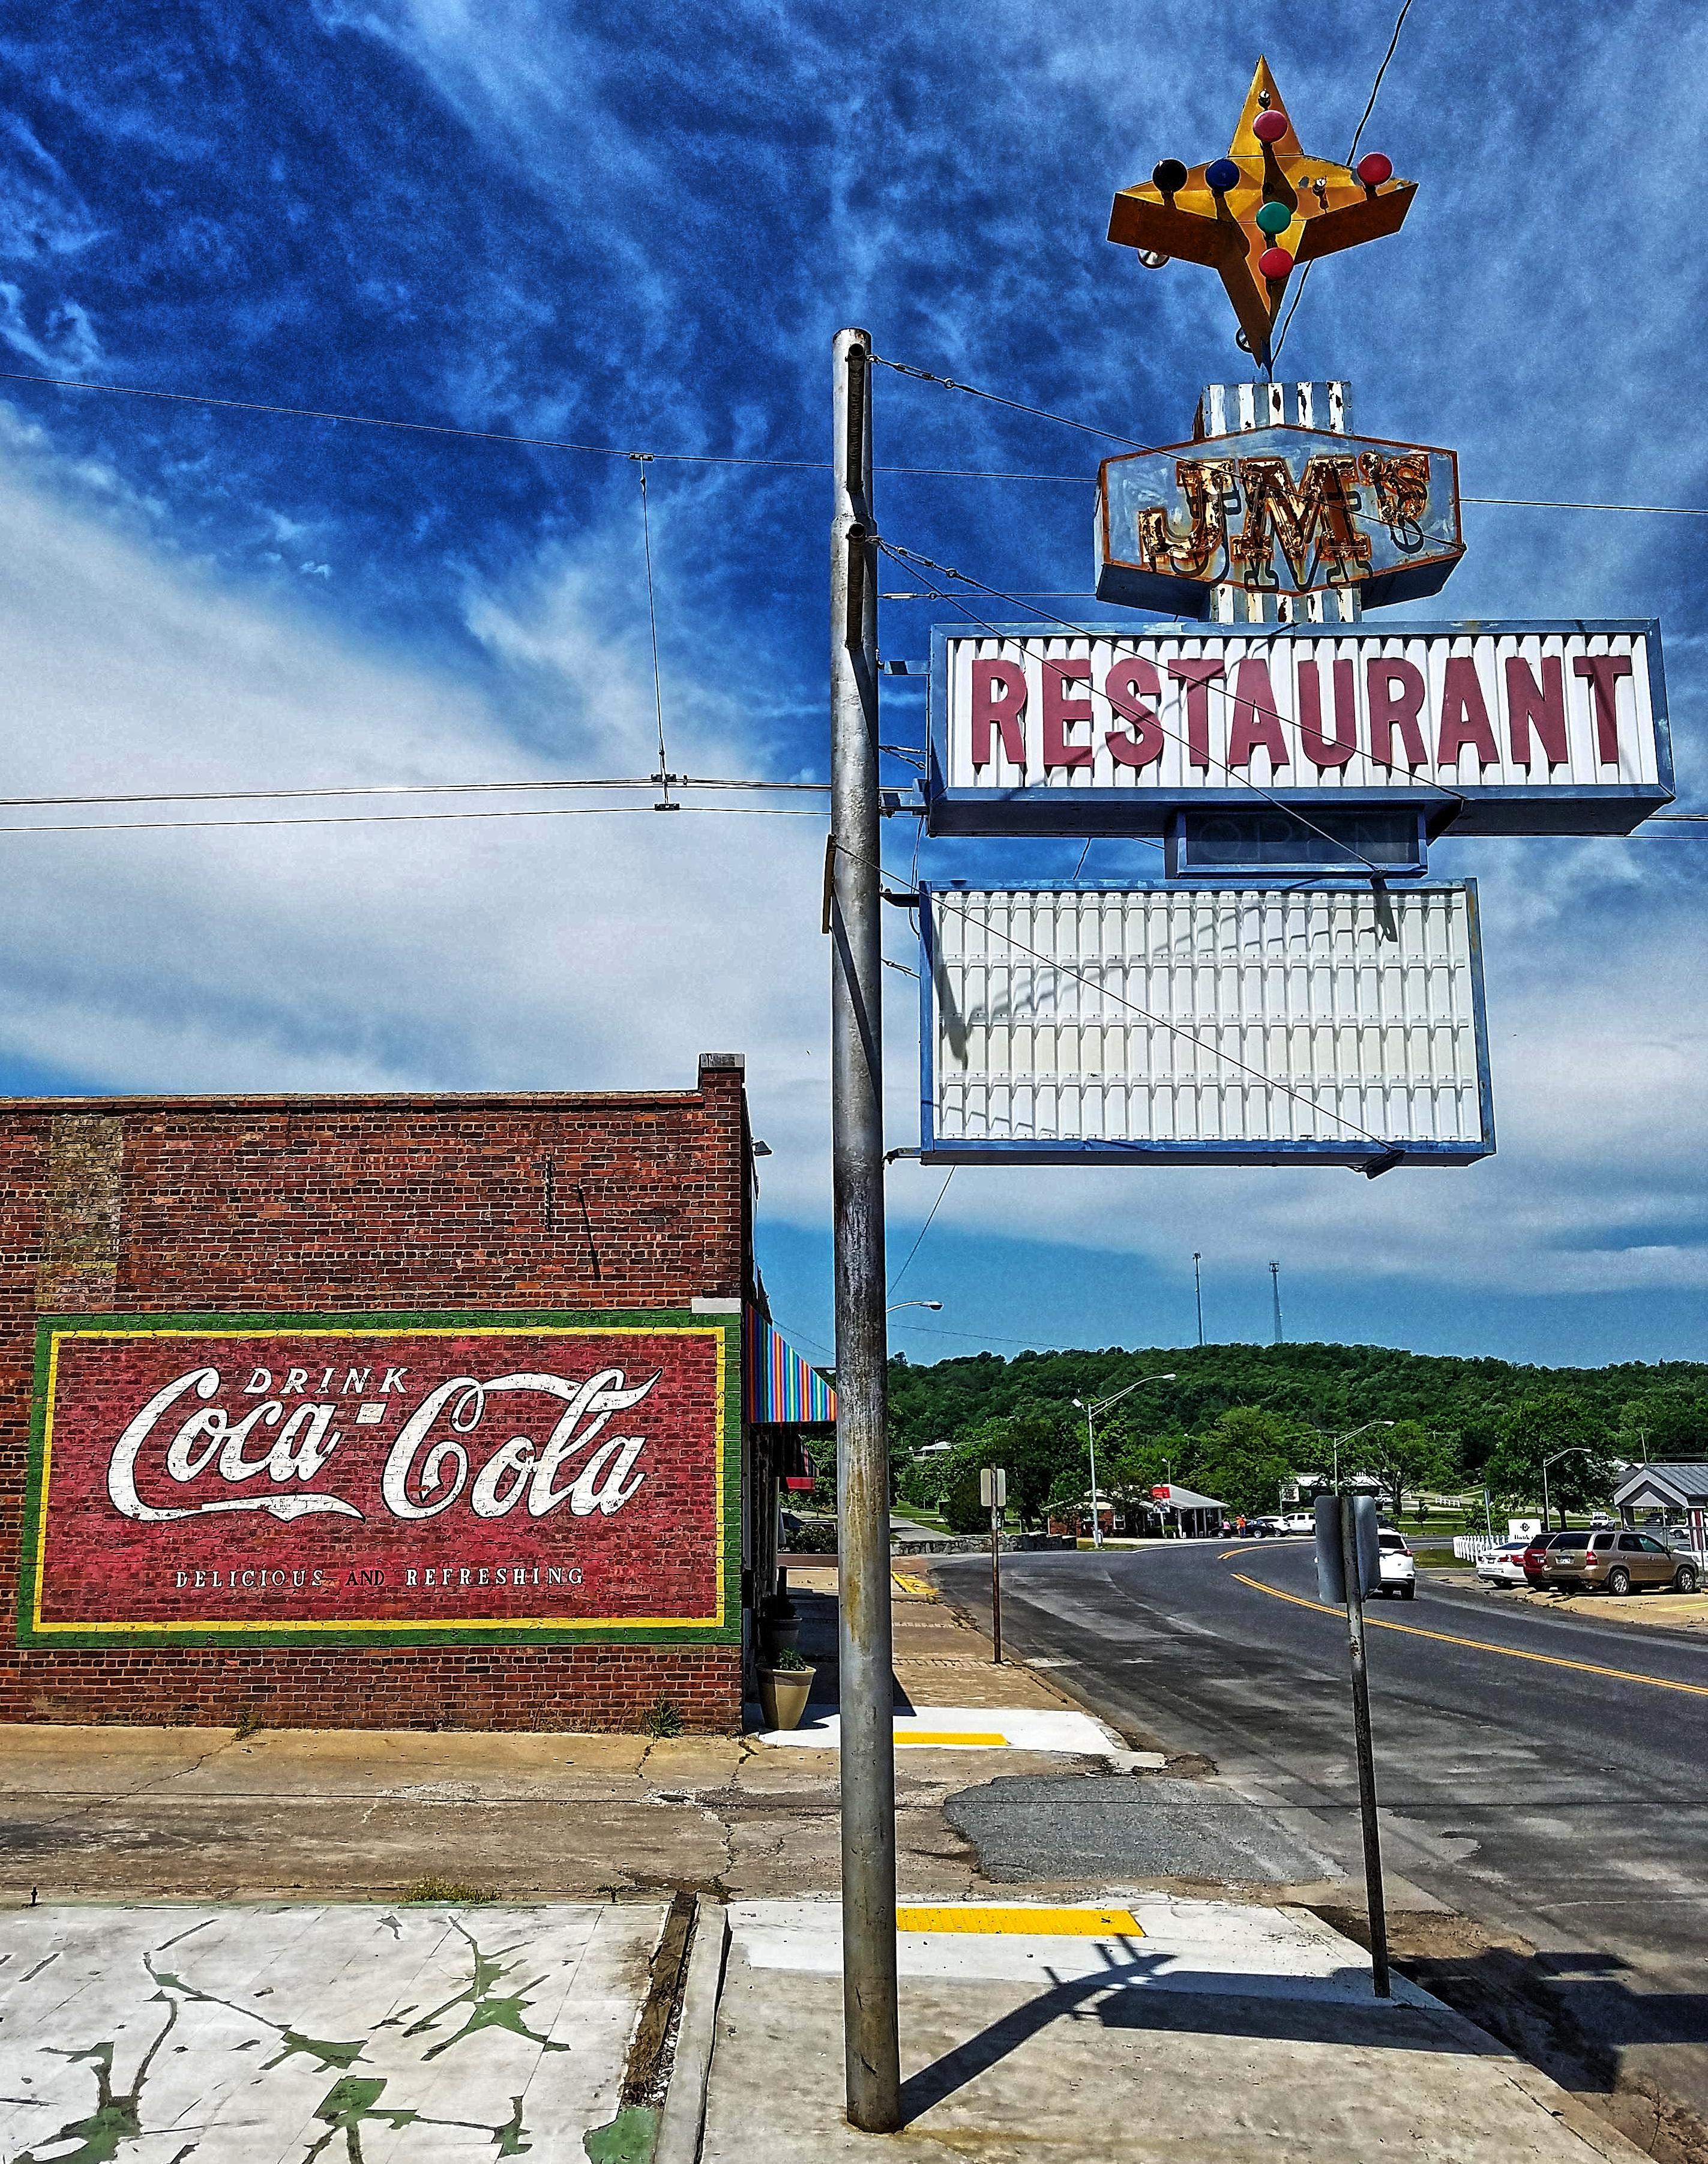 JM's Restaurant - Eufaula, Oklahoma U.S.A. - May 15, 2017